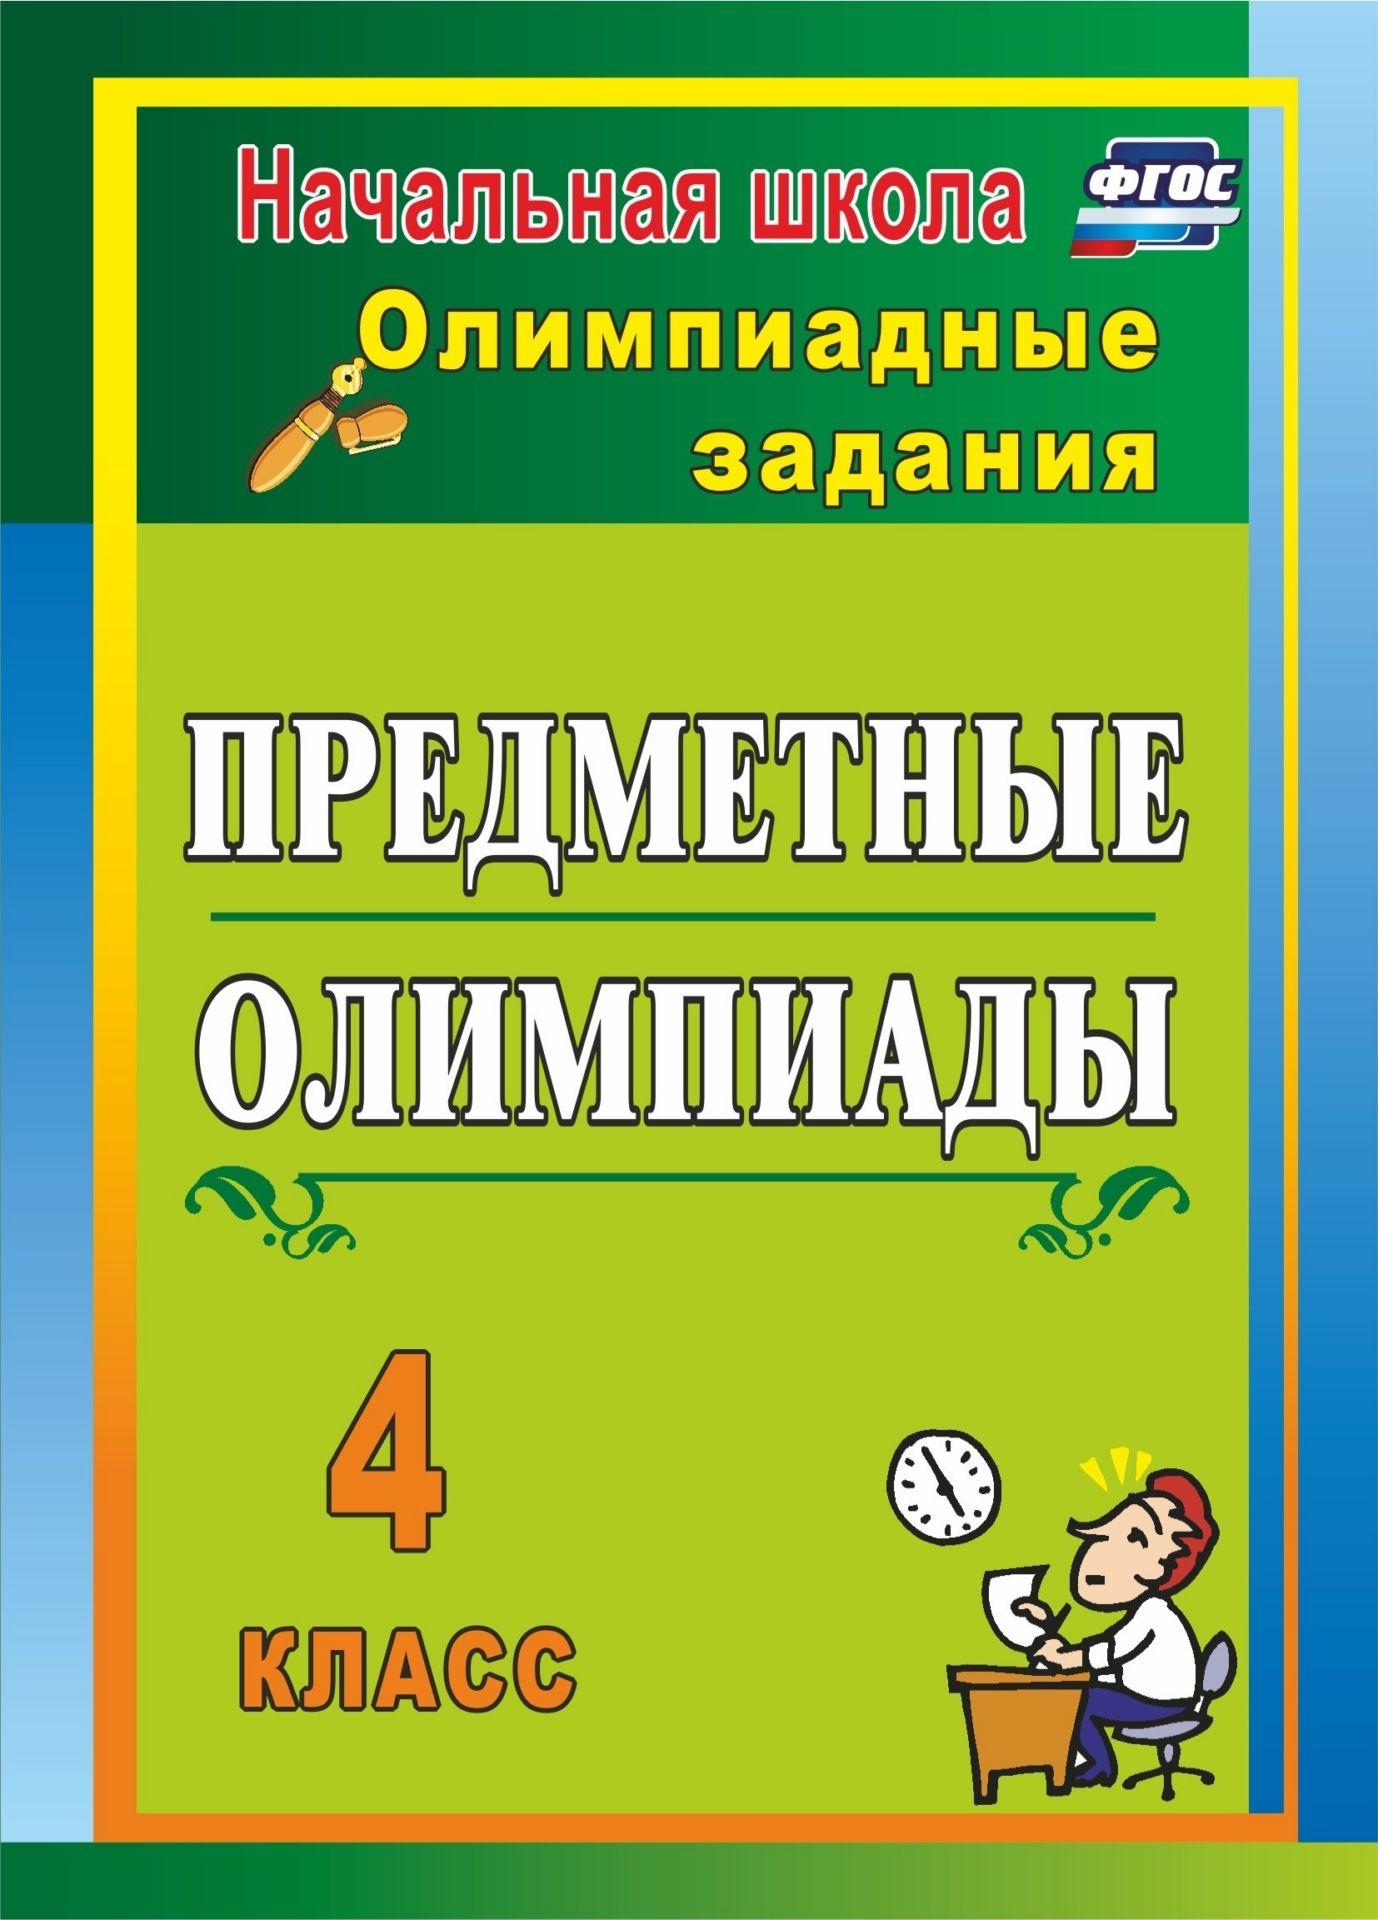 Предметные олимпиады. 4 классПредметы<br>В пособии представлены олимпиадные задани по русскому зыку, литературному чтени, математике, окружащему миру дл учащихс 4 класса.Примен предлагаемый материал дифференцированно, творчески, учитель сможет систематически и рационально осуществлть по...<br><br>Авторы: Лободина Н. В.<br>Год: 2017<br>Сери: Начальна школа<br>ISBN: 978-5-7057-1971-6, 978-5-7057-2458-1<br>Высота: 195<br>Ширина: 140<br>Толщина: 7<br>Переплёт: мгка, склейка